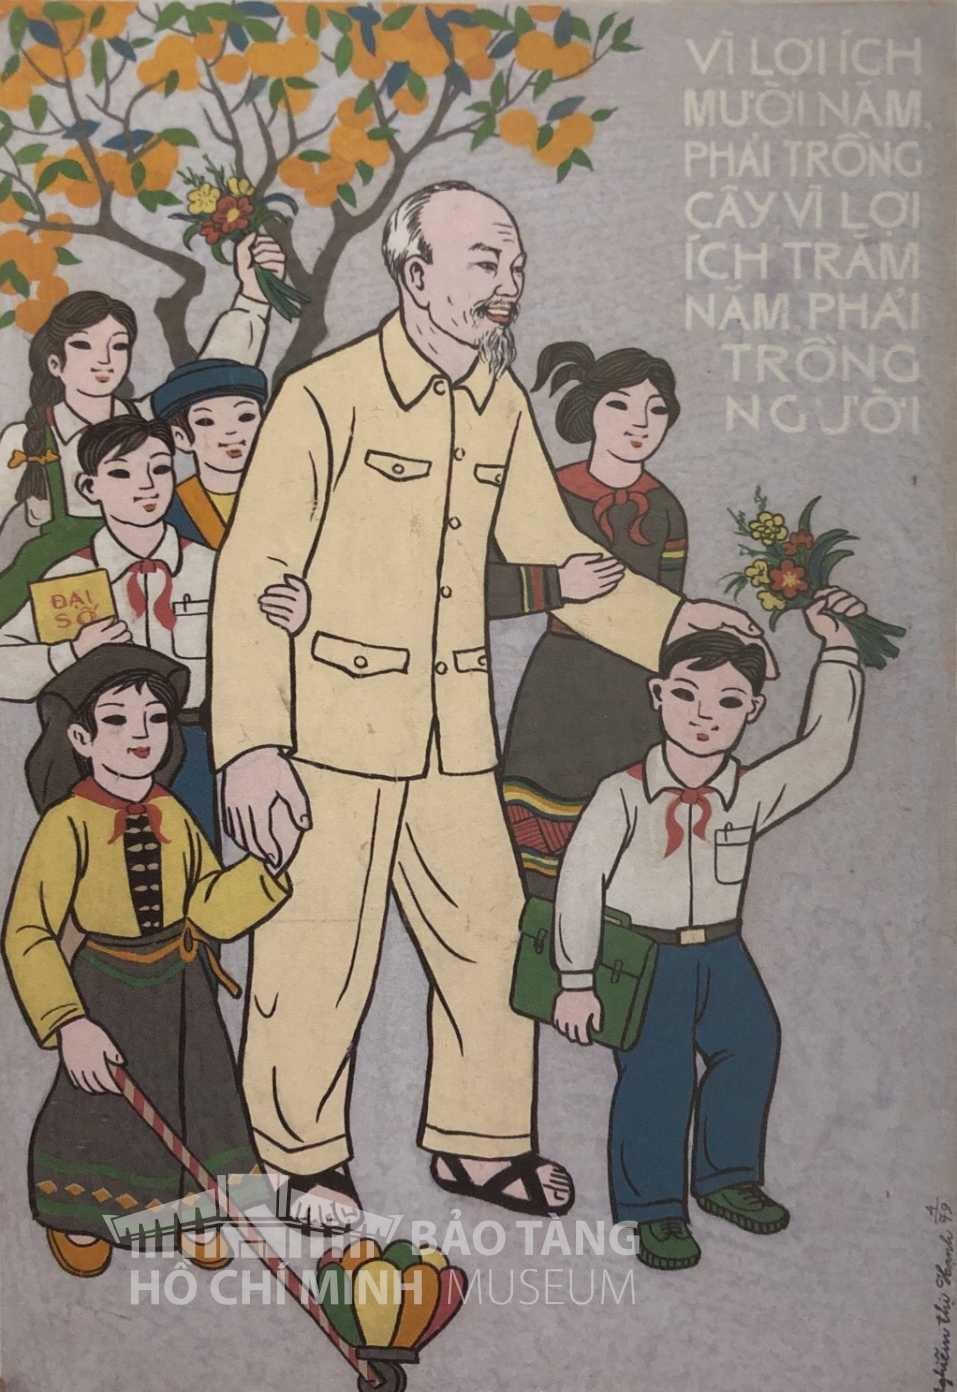 Tranh: Nghiêm Thị Hạnh Bột màu, 1979 Nguồn: Bảo tàng Hồ Chí Minh